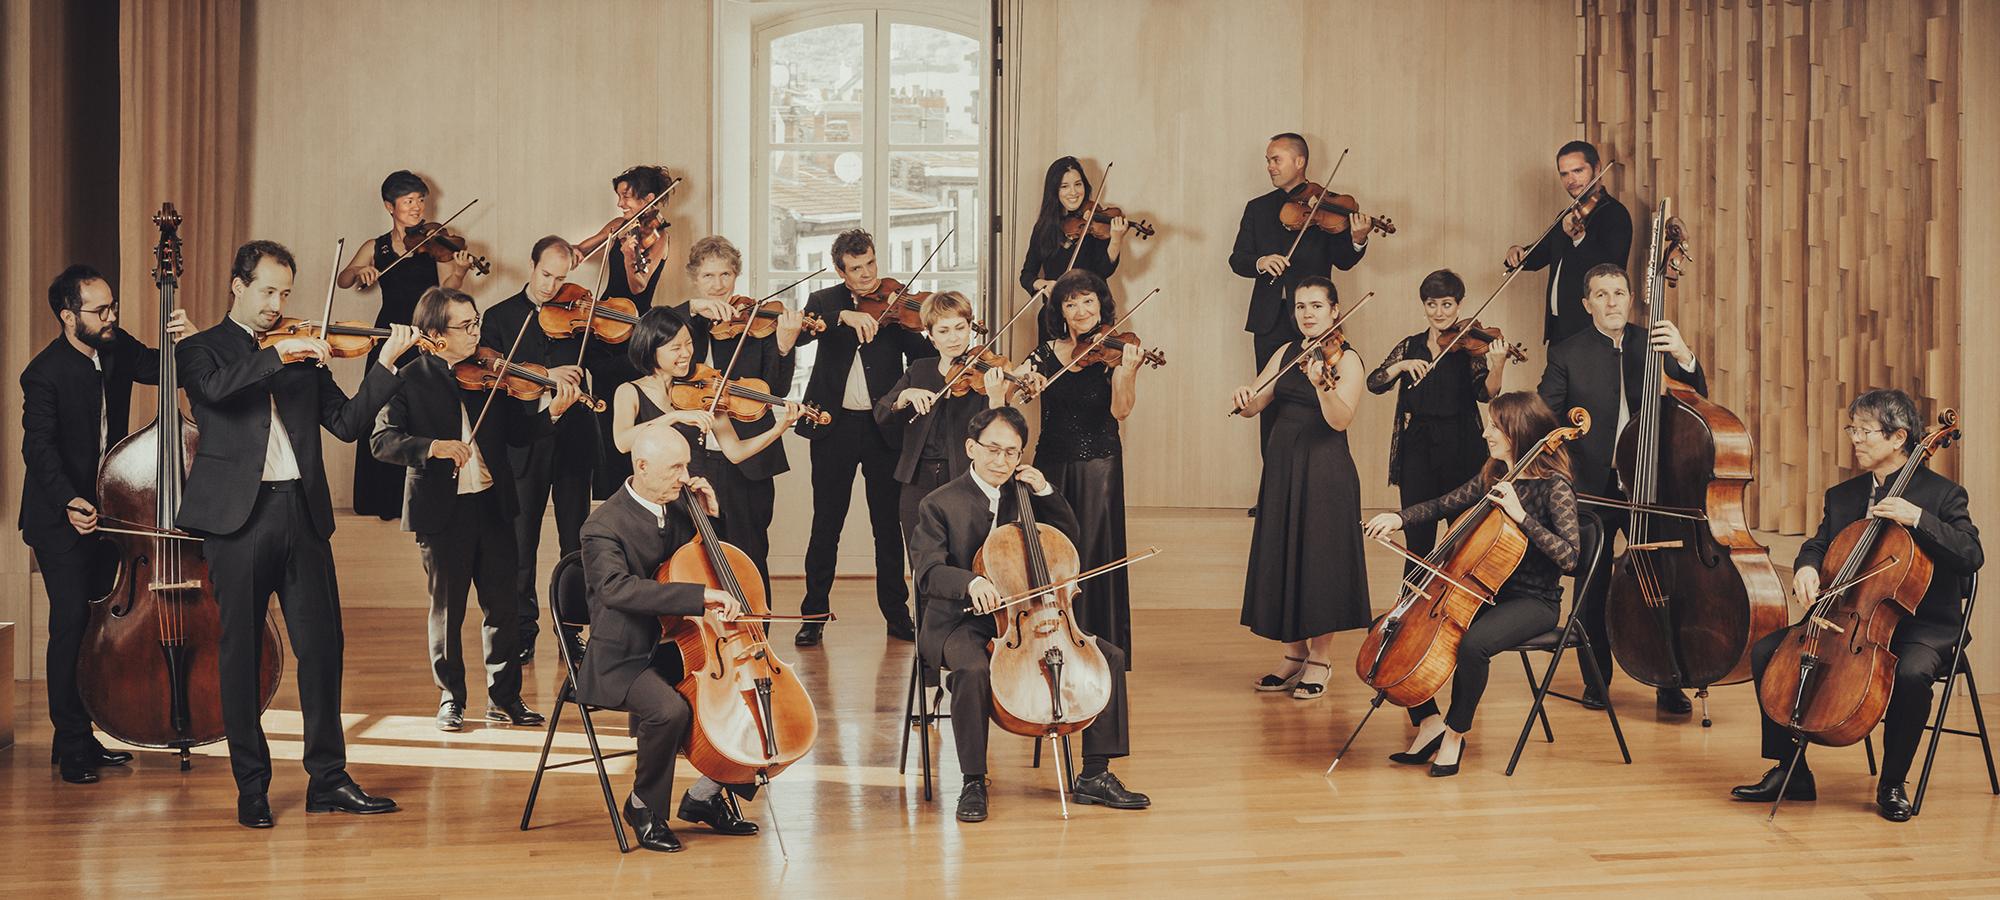 Orchestre national d'Auvergne ©Ava du Parc - J'Adore ce que vous faites (3)